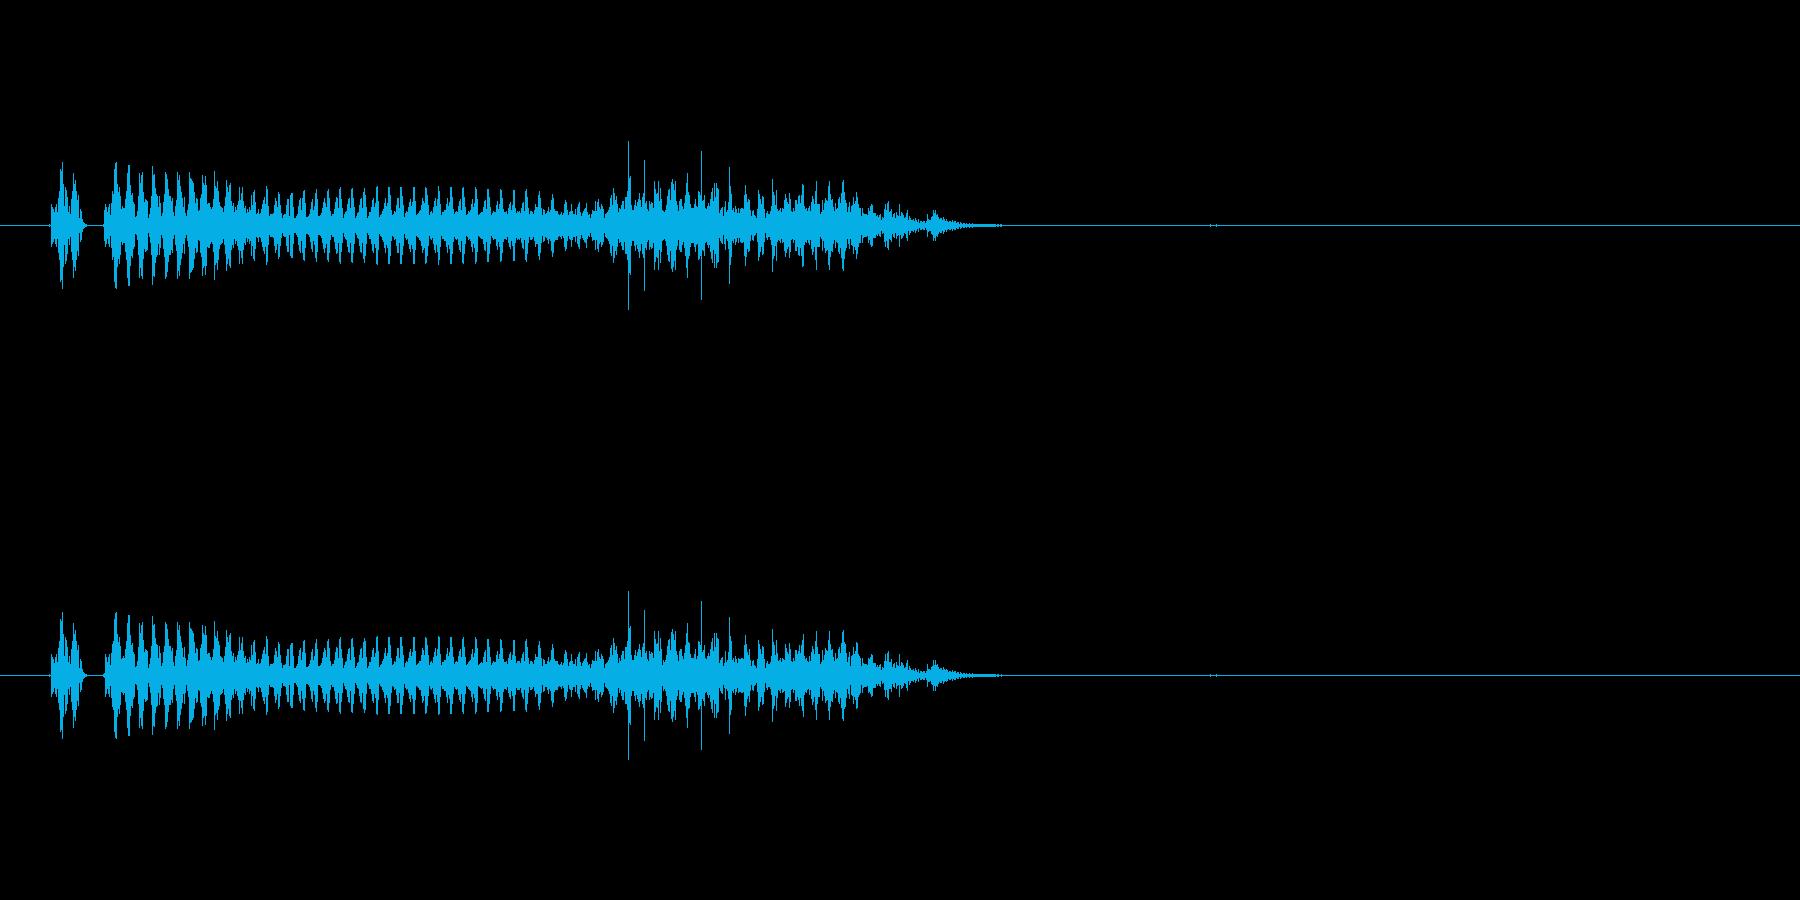 筒子(麻雀)の再生済みの波形